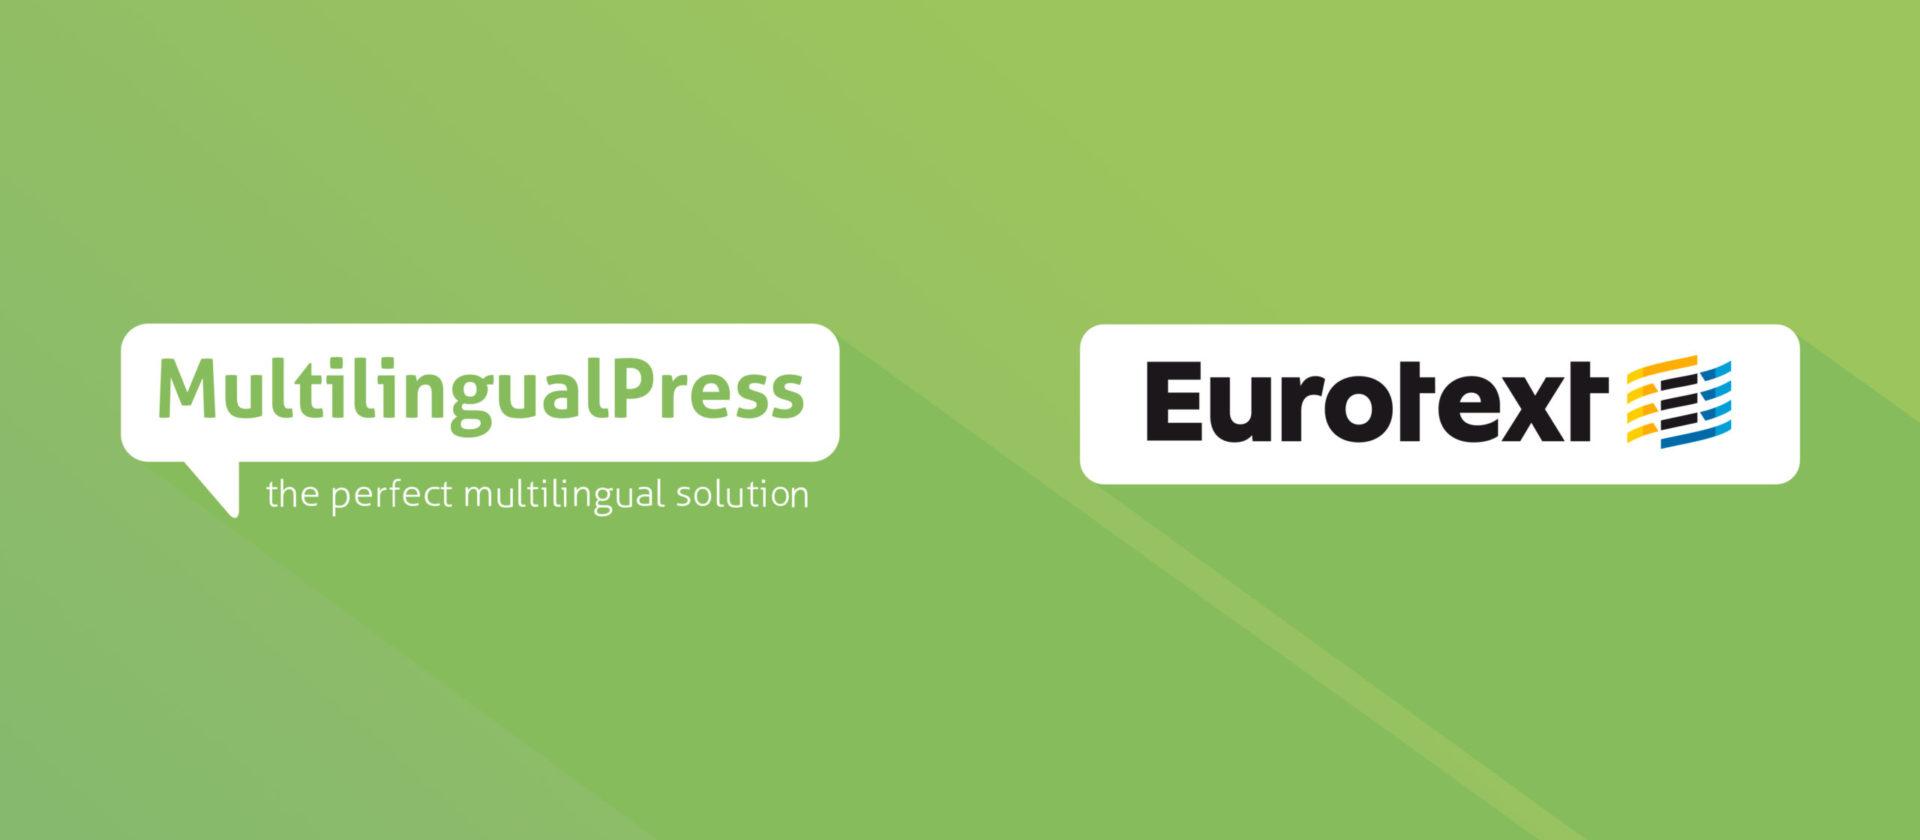 WordPress mehrsprachig machen und Texte übersetzen lassen mit Inpsyde und der Übersetzungsagentur Eurotext.